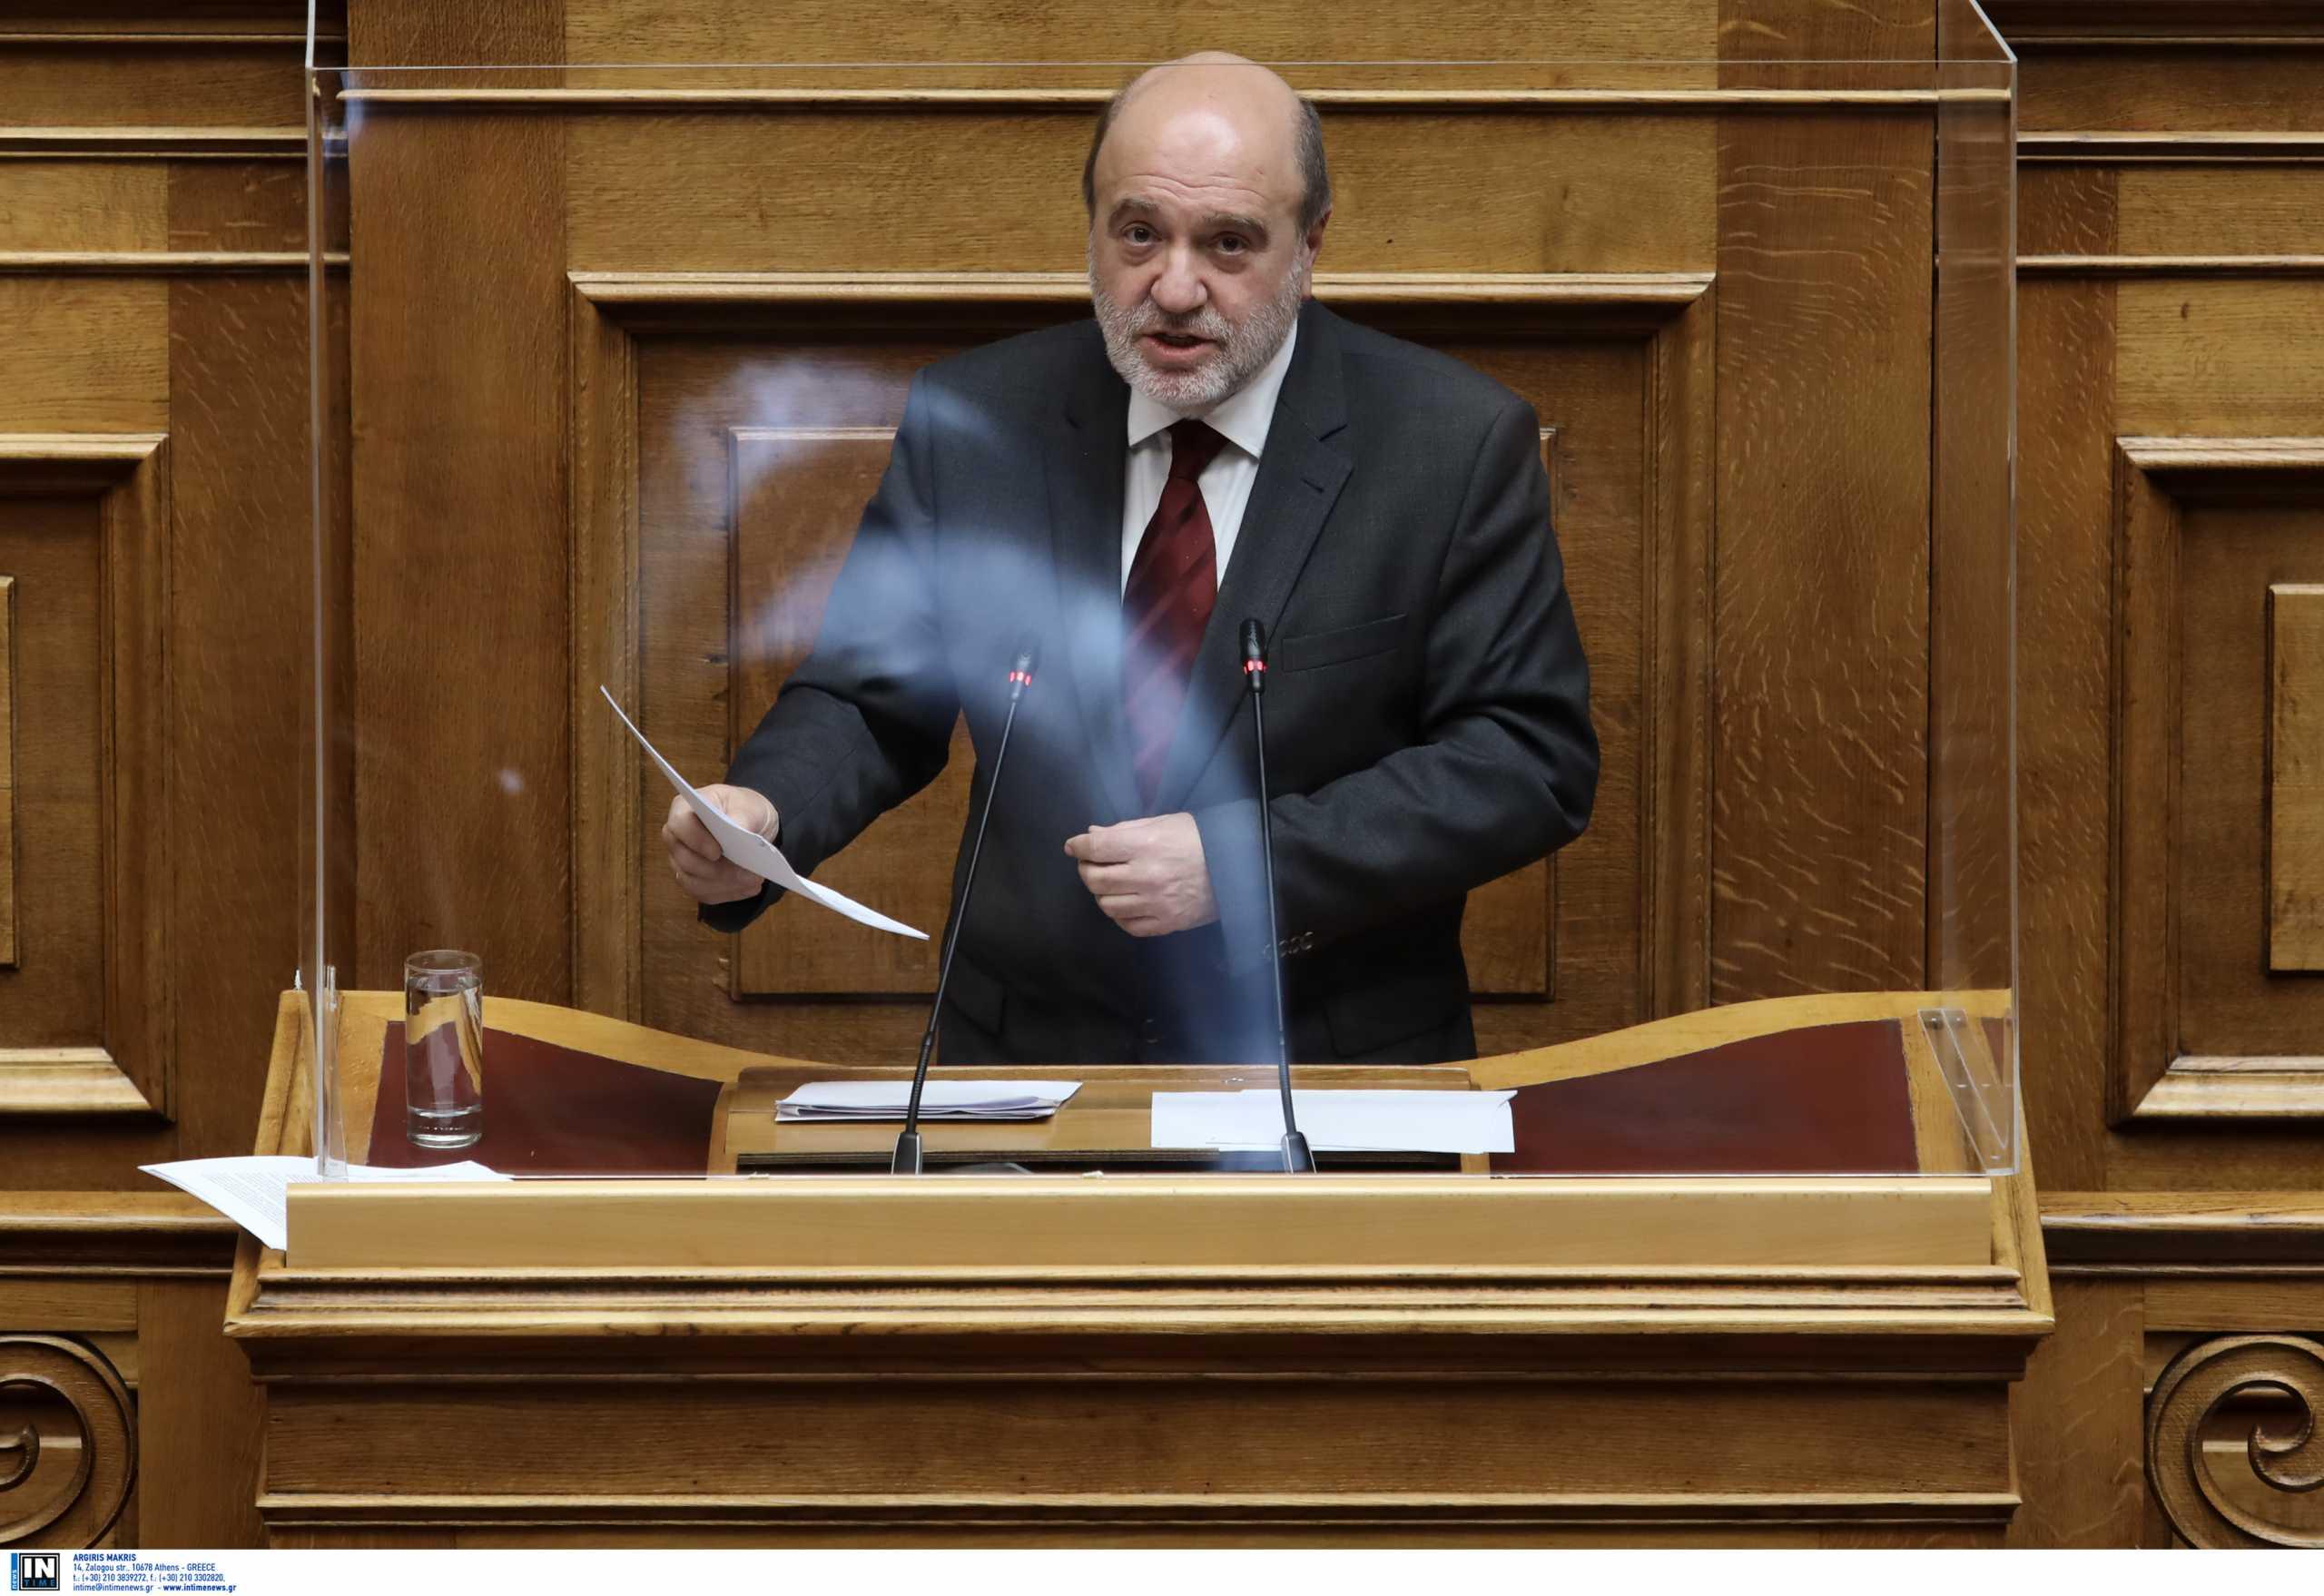 ΝΔ: Μετά τις εκκαθαρίσεις Τζανακόπουλου στο Δημόσιο τώρα ο Αλεξιάδης αυξάνει τους φόρους